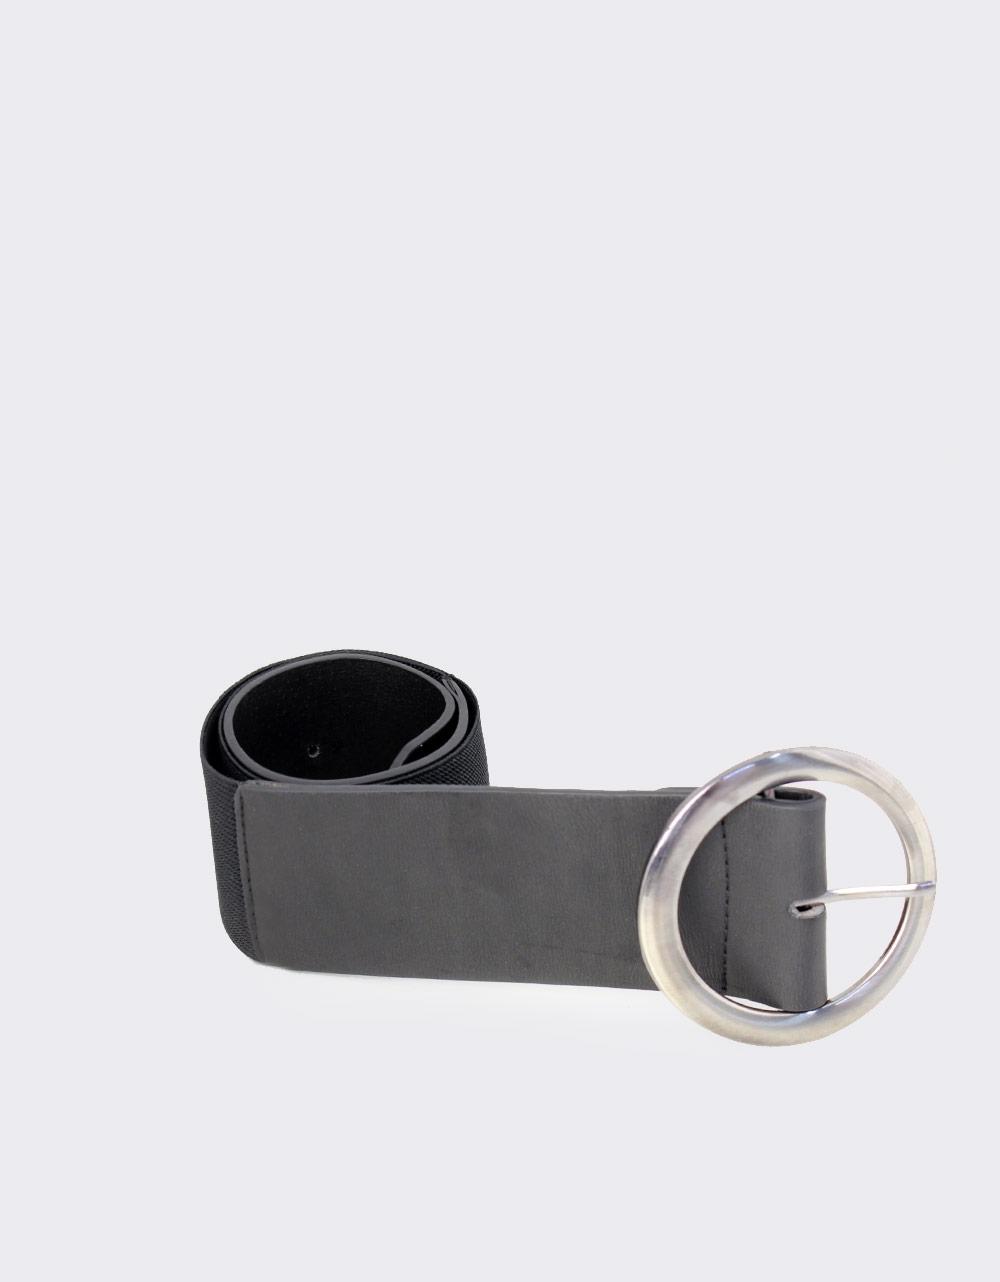 Εικόνα από Γυναικείες ζώνες ελαστικές με στρογγυλό τοκά Μαύρο